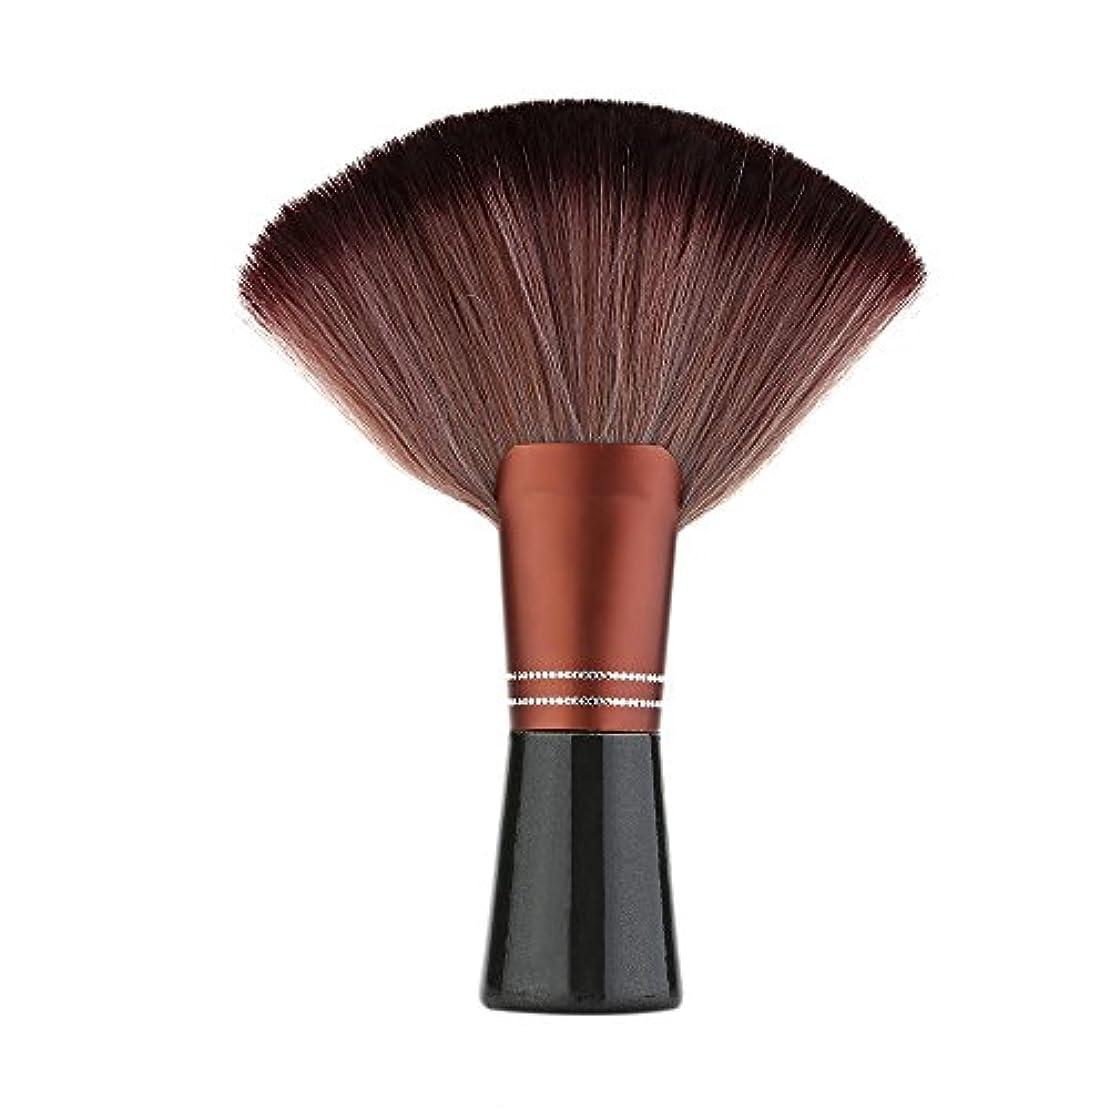 そよ風影響するスーツケースDecdeal 理髪ブラシ ネックブラシ 理髪師 ヘアブラシ 毛払いブラシ 髪切り 散髪用ツール